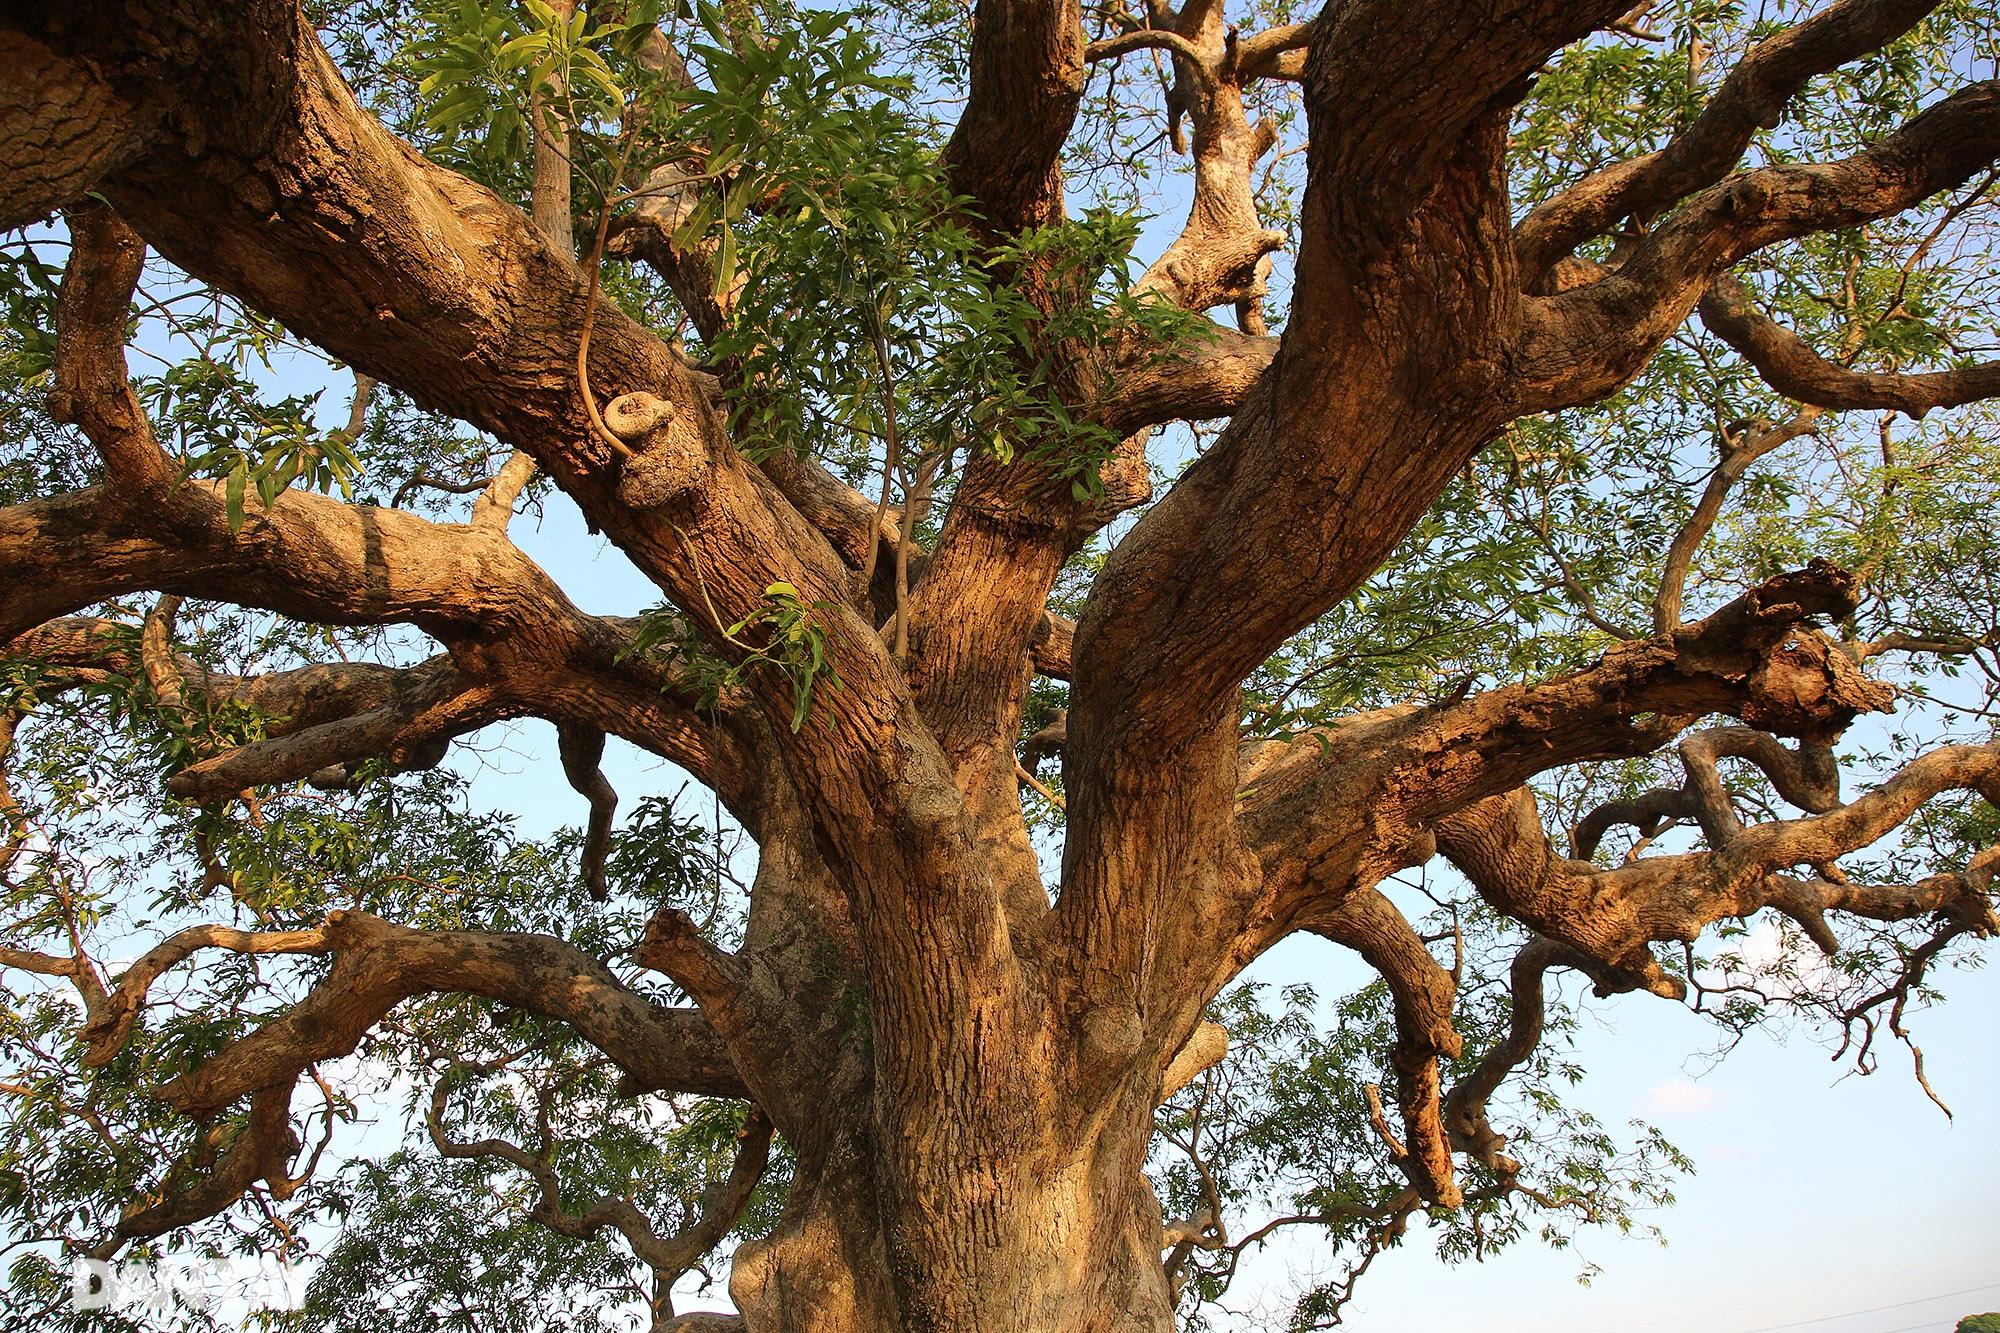 Cây muỗm 600 năm tuổi có nguy cơ chết khô vì bị quây bê tông quanh gốc - 6